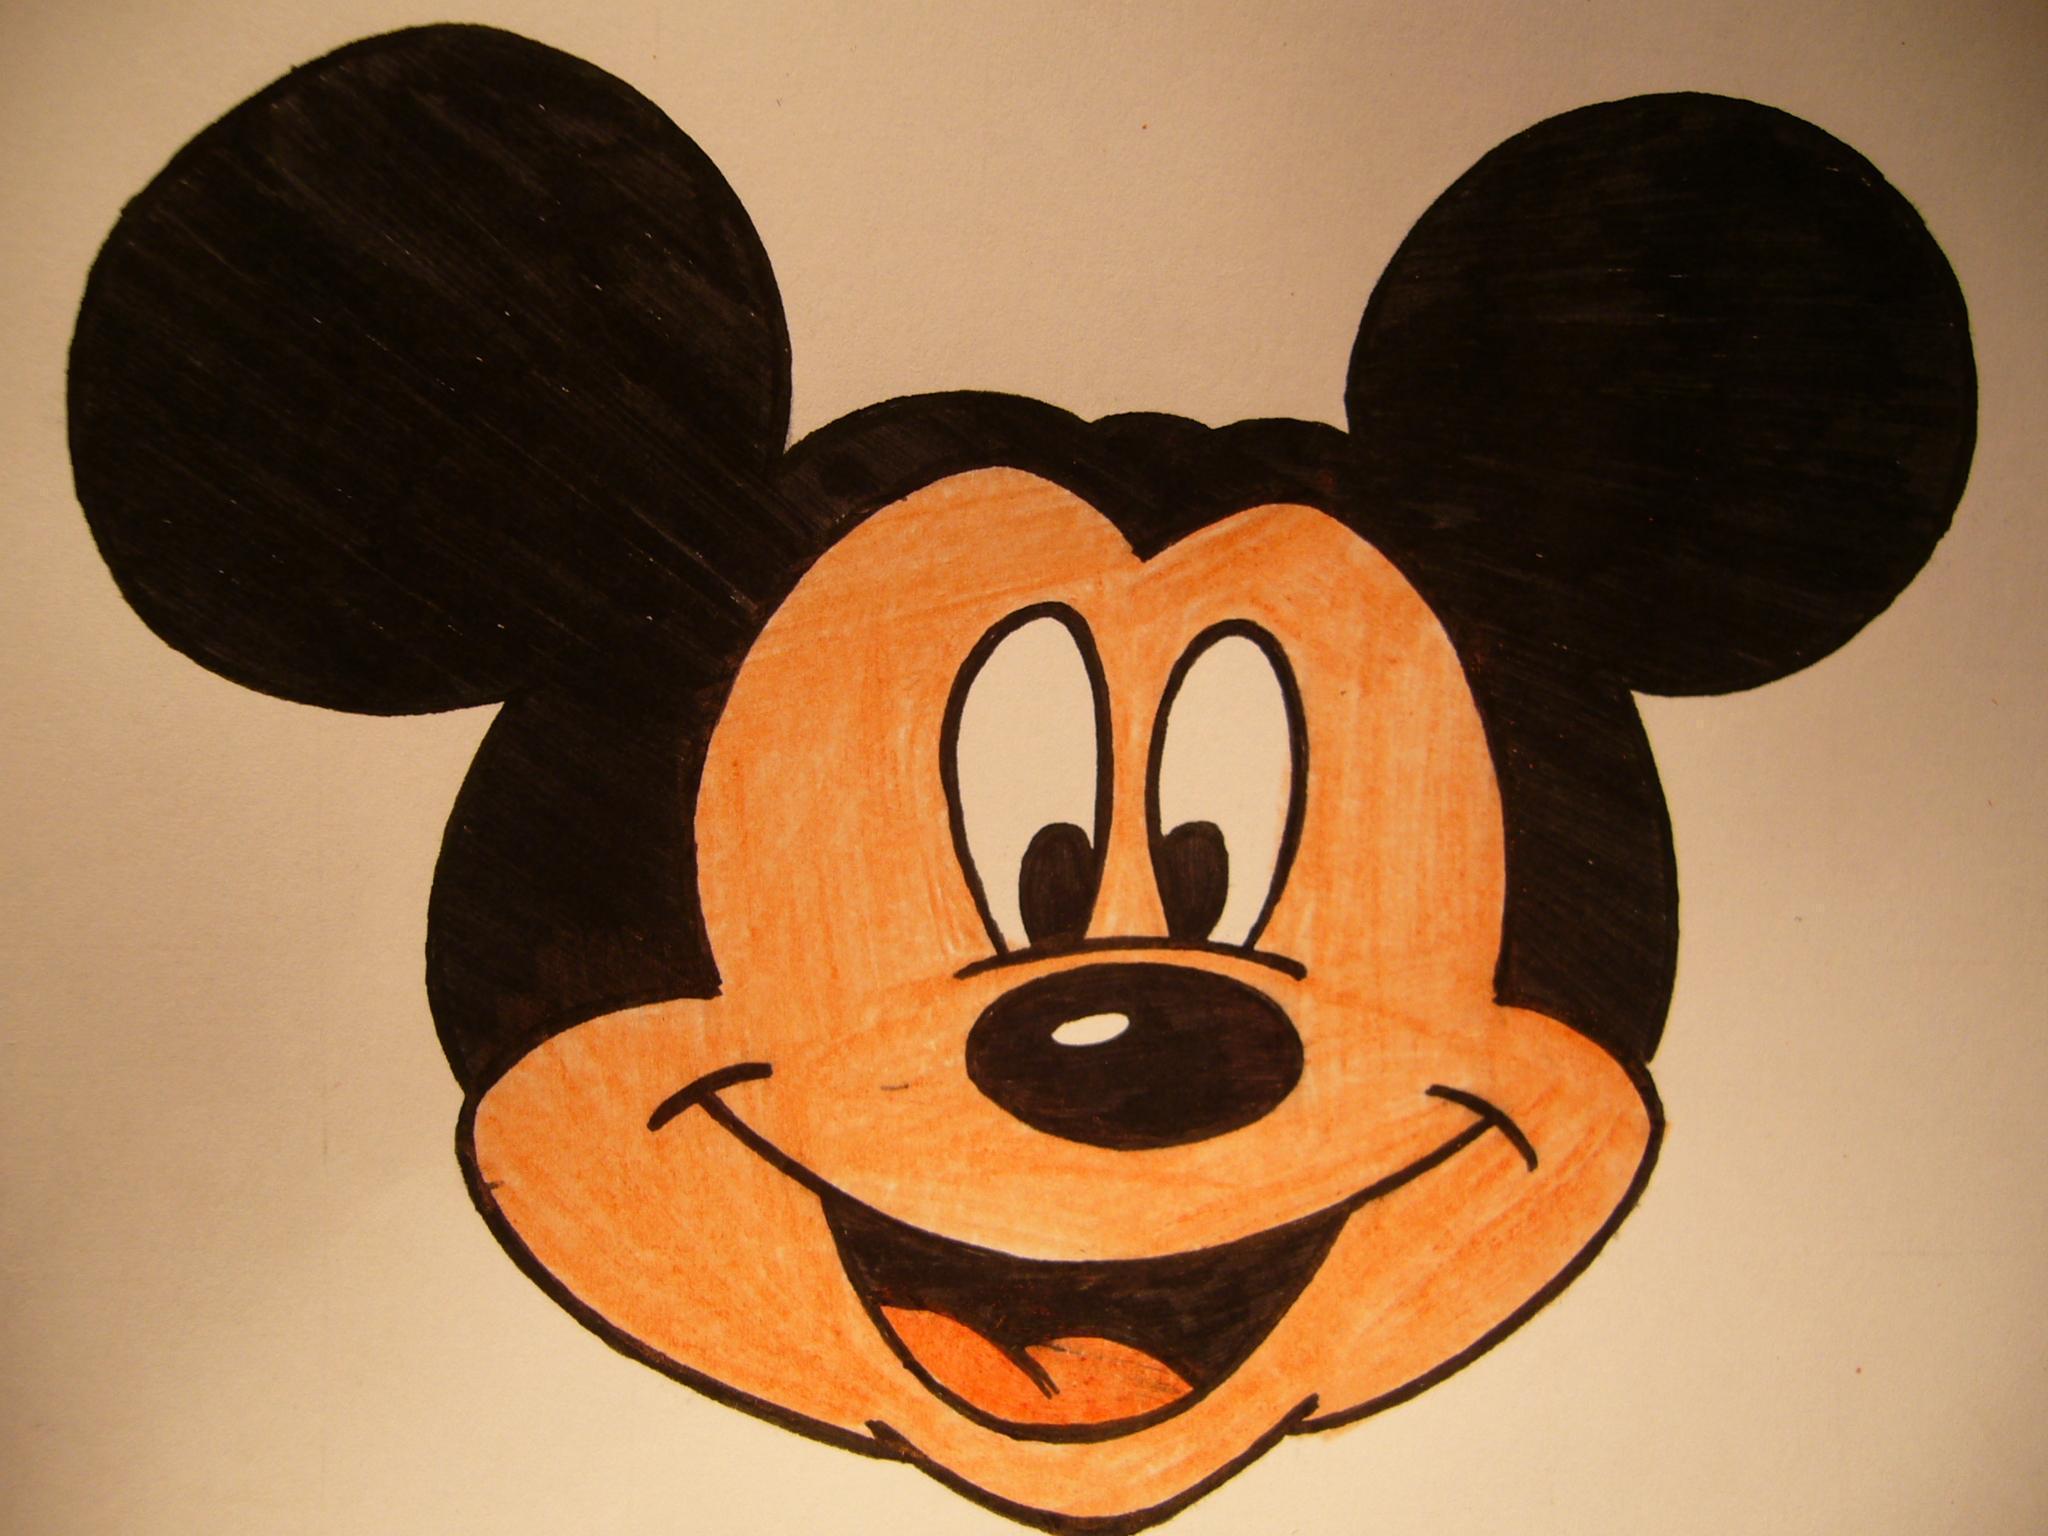 Dibujos Para Colorear Faciles De Hacer De Piolin: Comment Dessiner Un Visage Facile